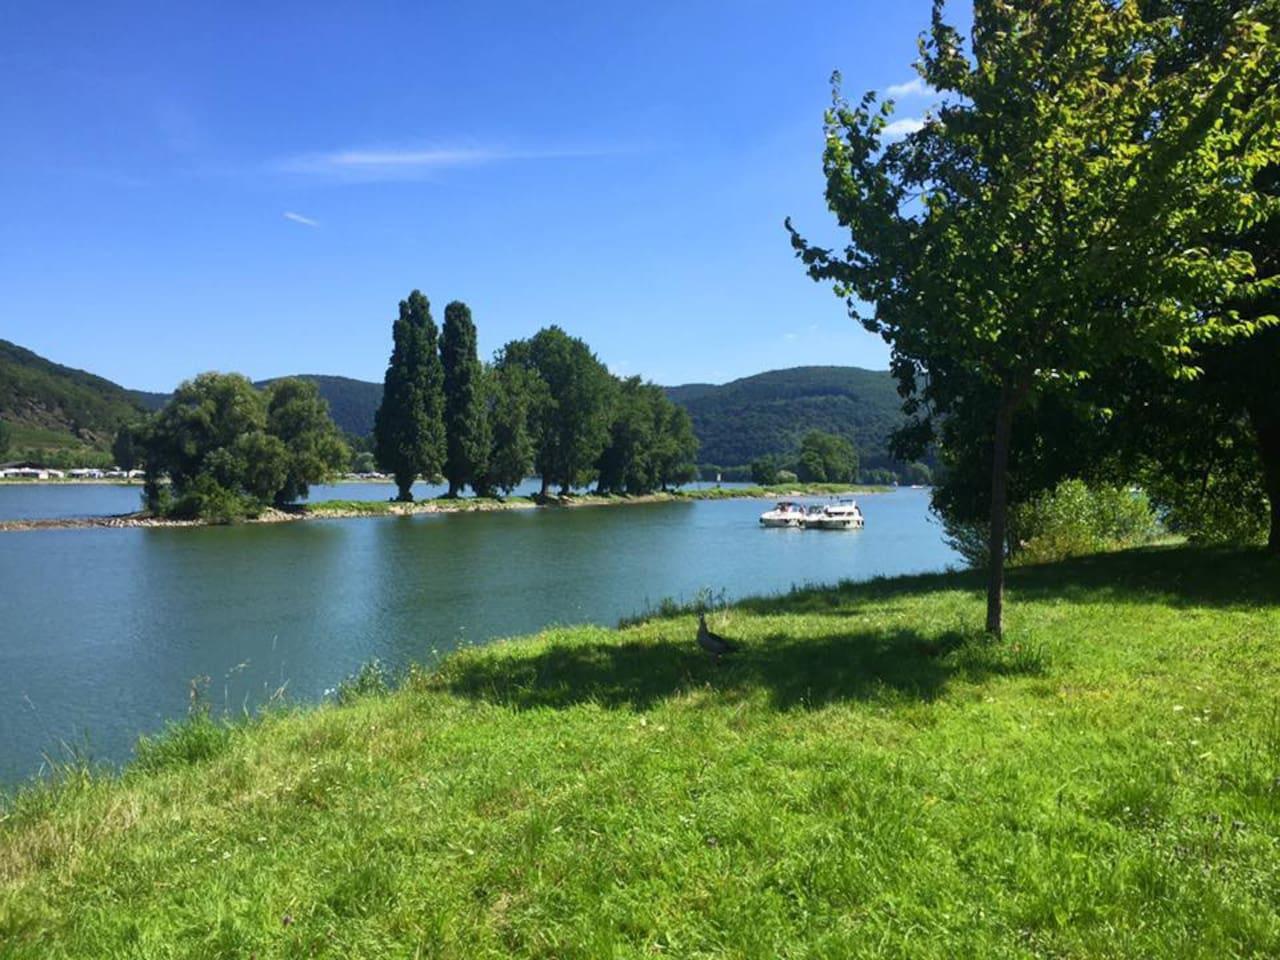 Direkte Umgebung Blick auf den Rhein